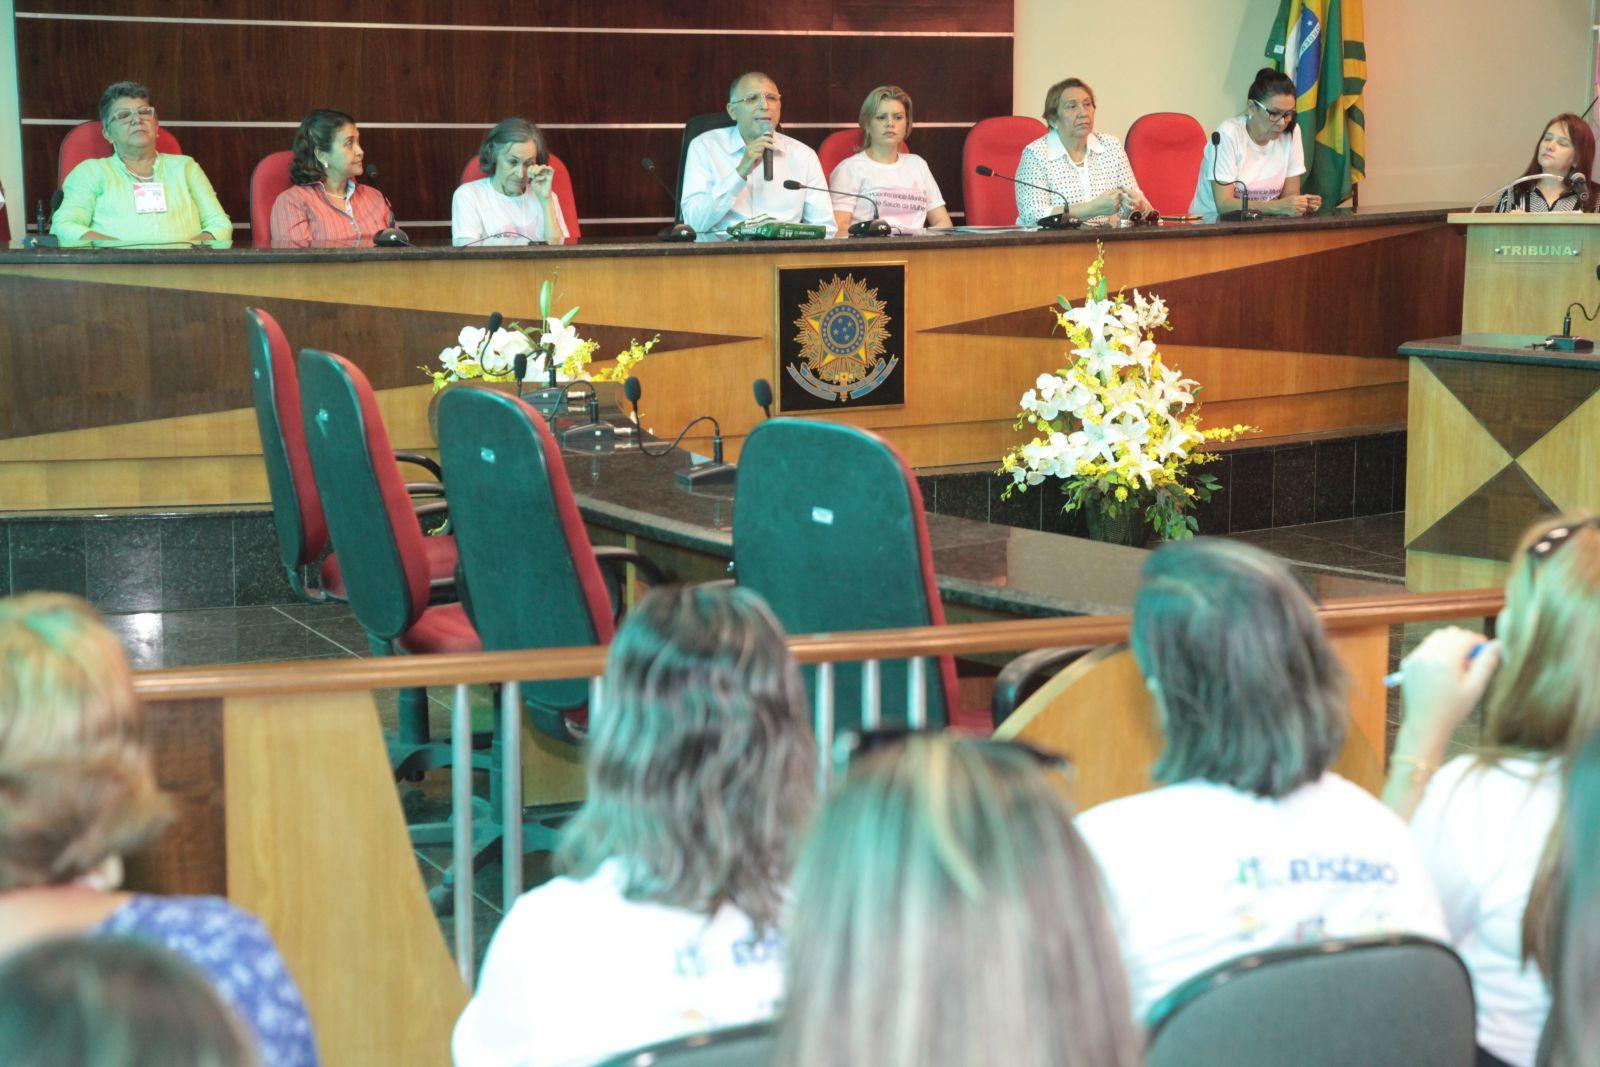 Eusébio discute criação de políticas públicas de saúde para as mulheres